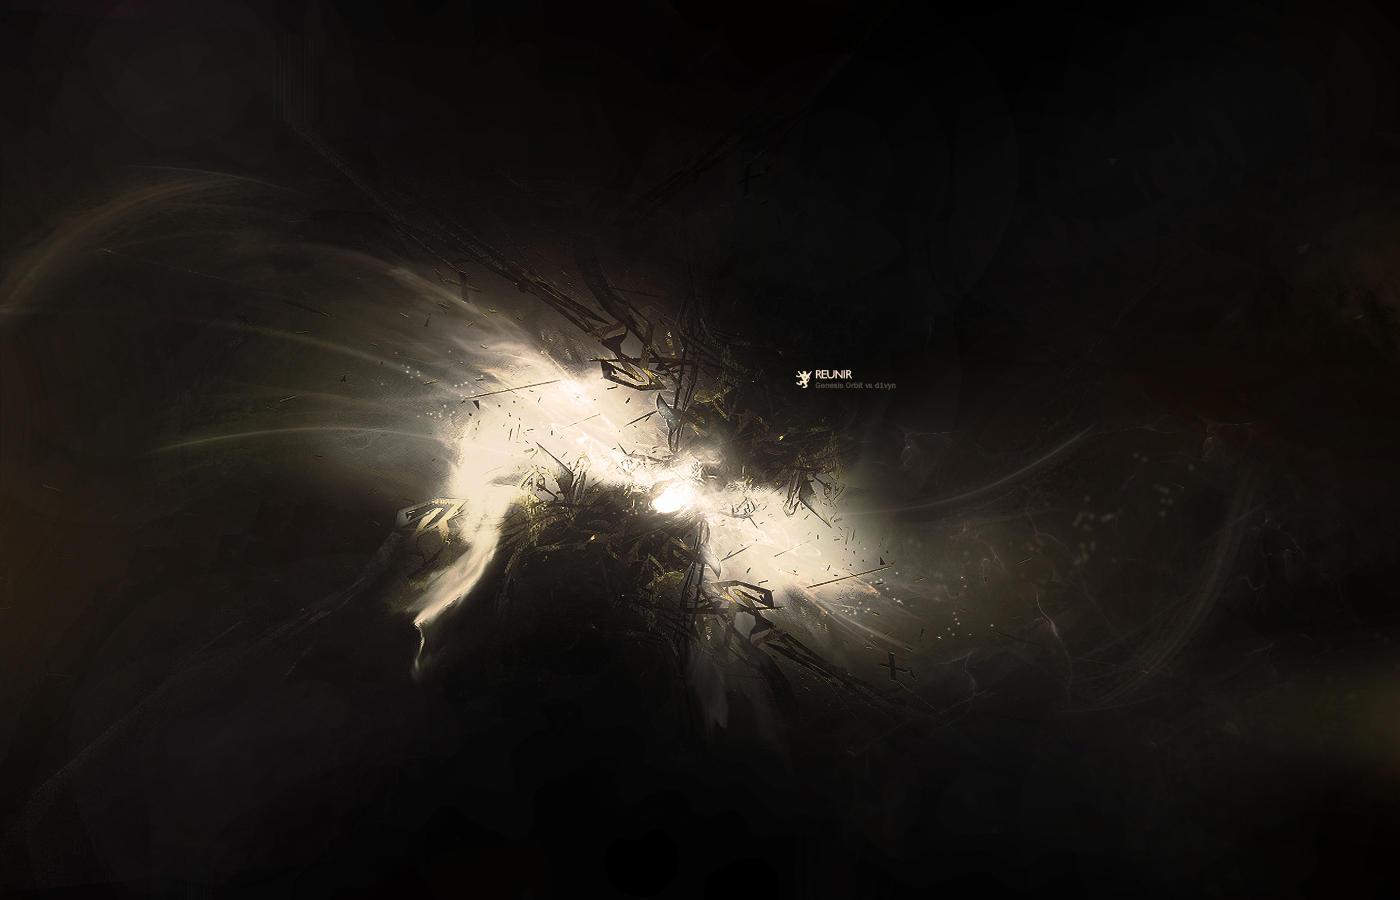 Reunir by Genesis-Orbit